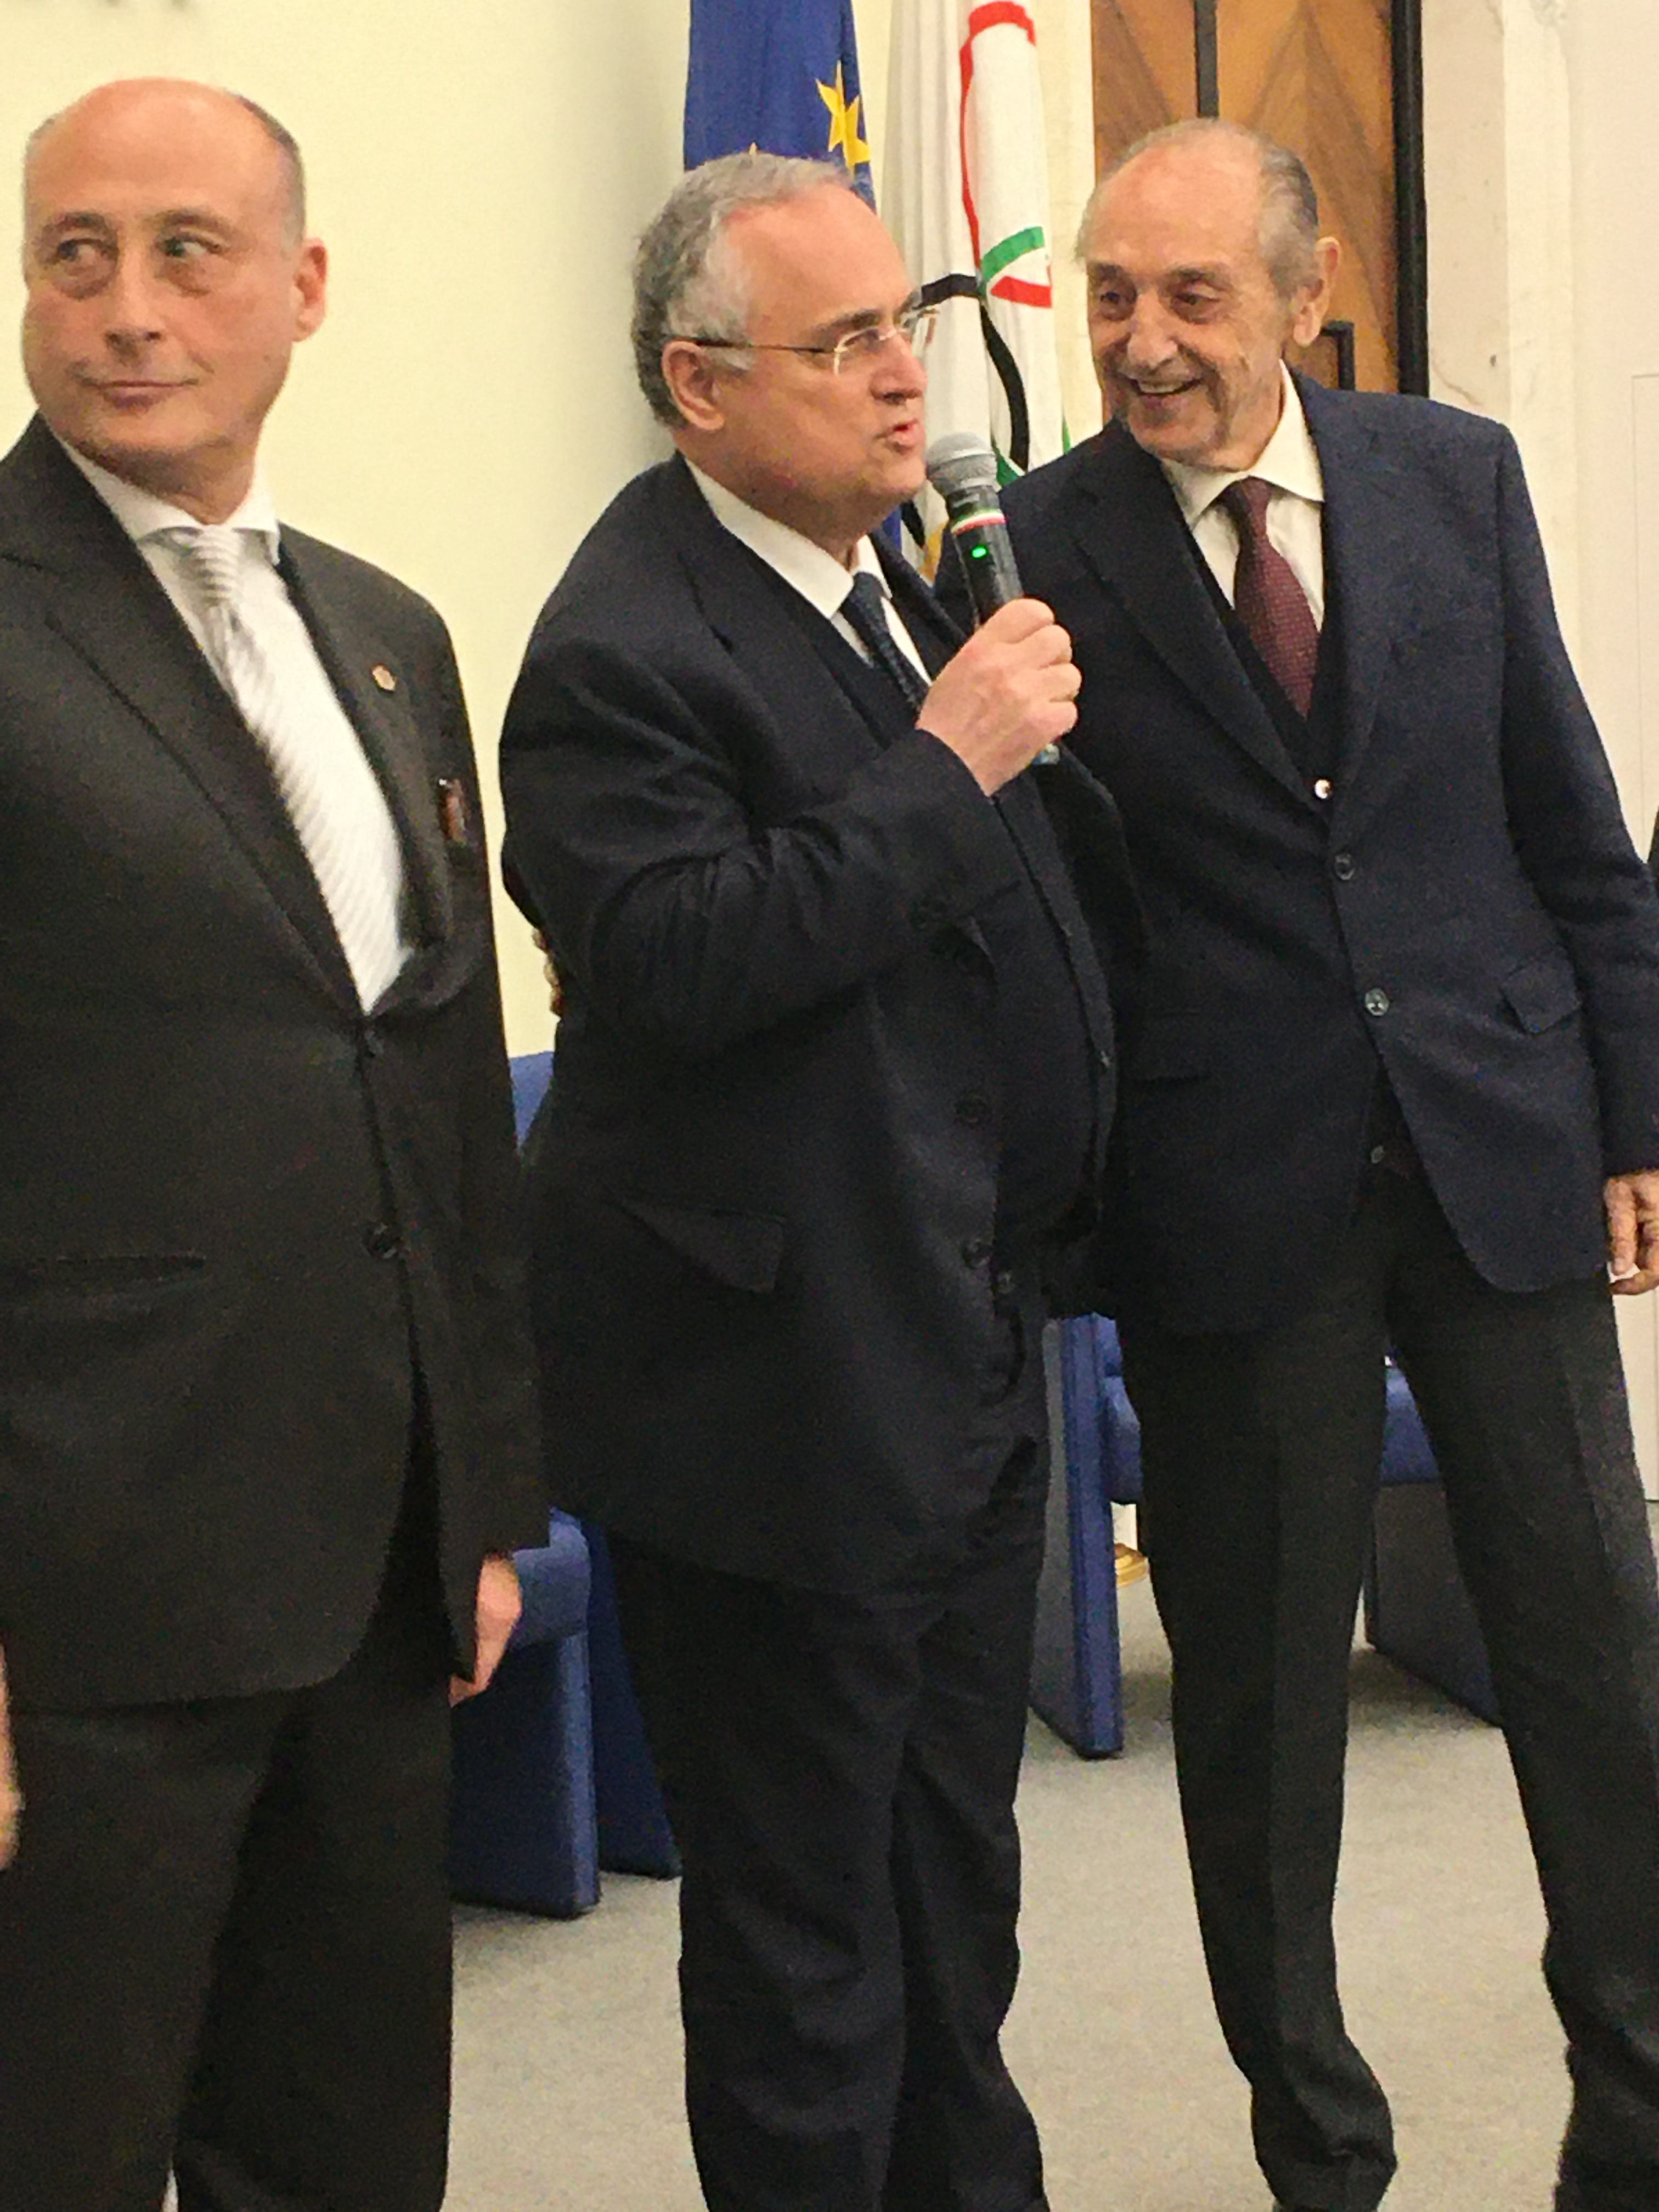 Il Presidente Lotito tra il presidente della Polisportiva Lazio Antonio Buccioni ed il presidente onorario della Polisportiva Lazio.